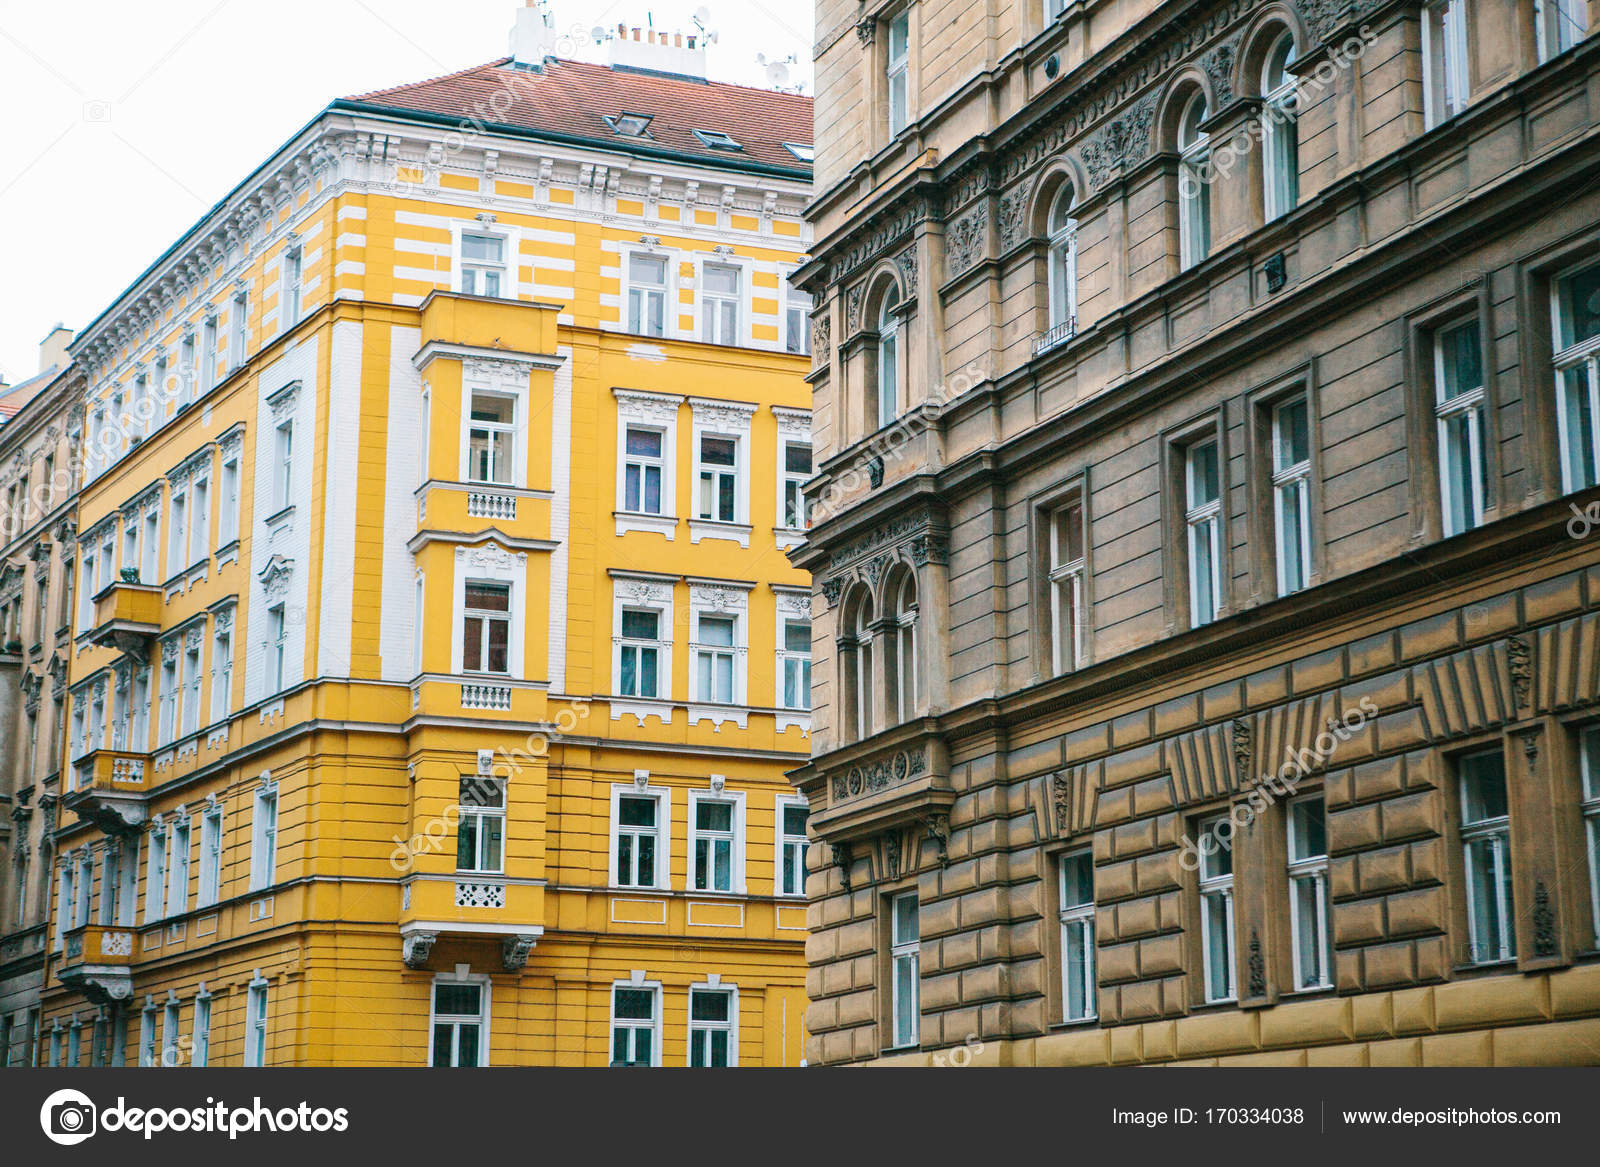 Oude mooie huizen in traditionele tsjechische stijl met rode